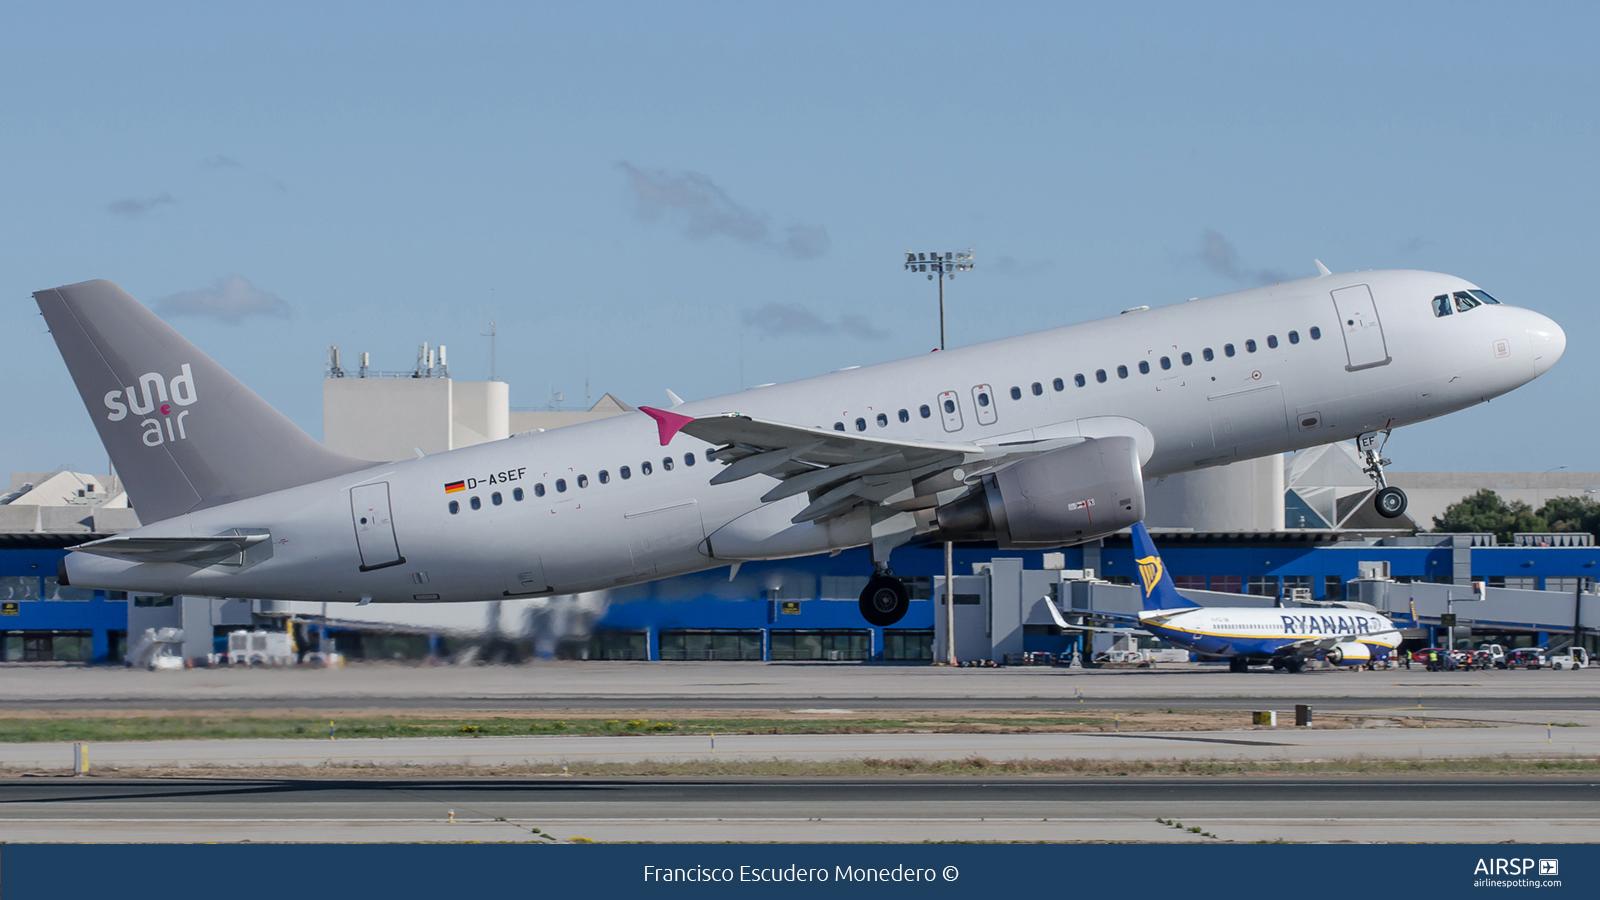 SundairAirbus A320D-ASEF